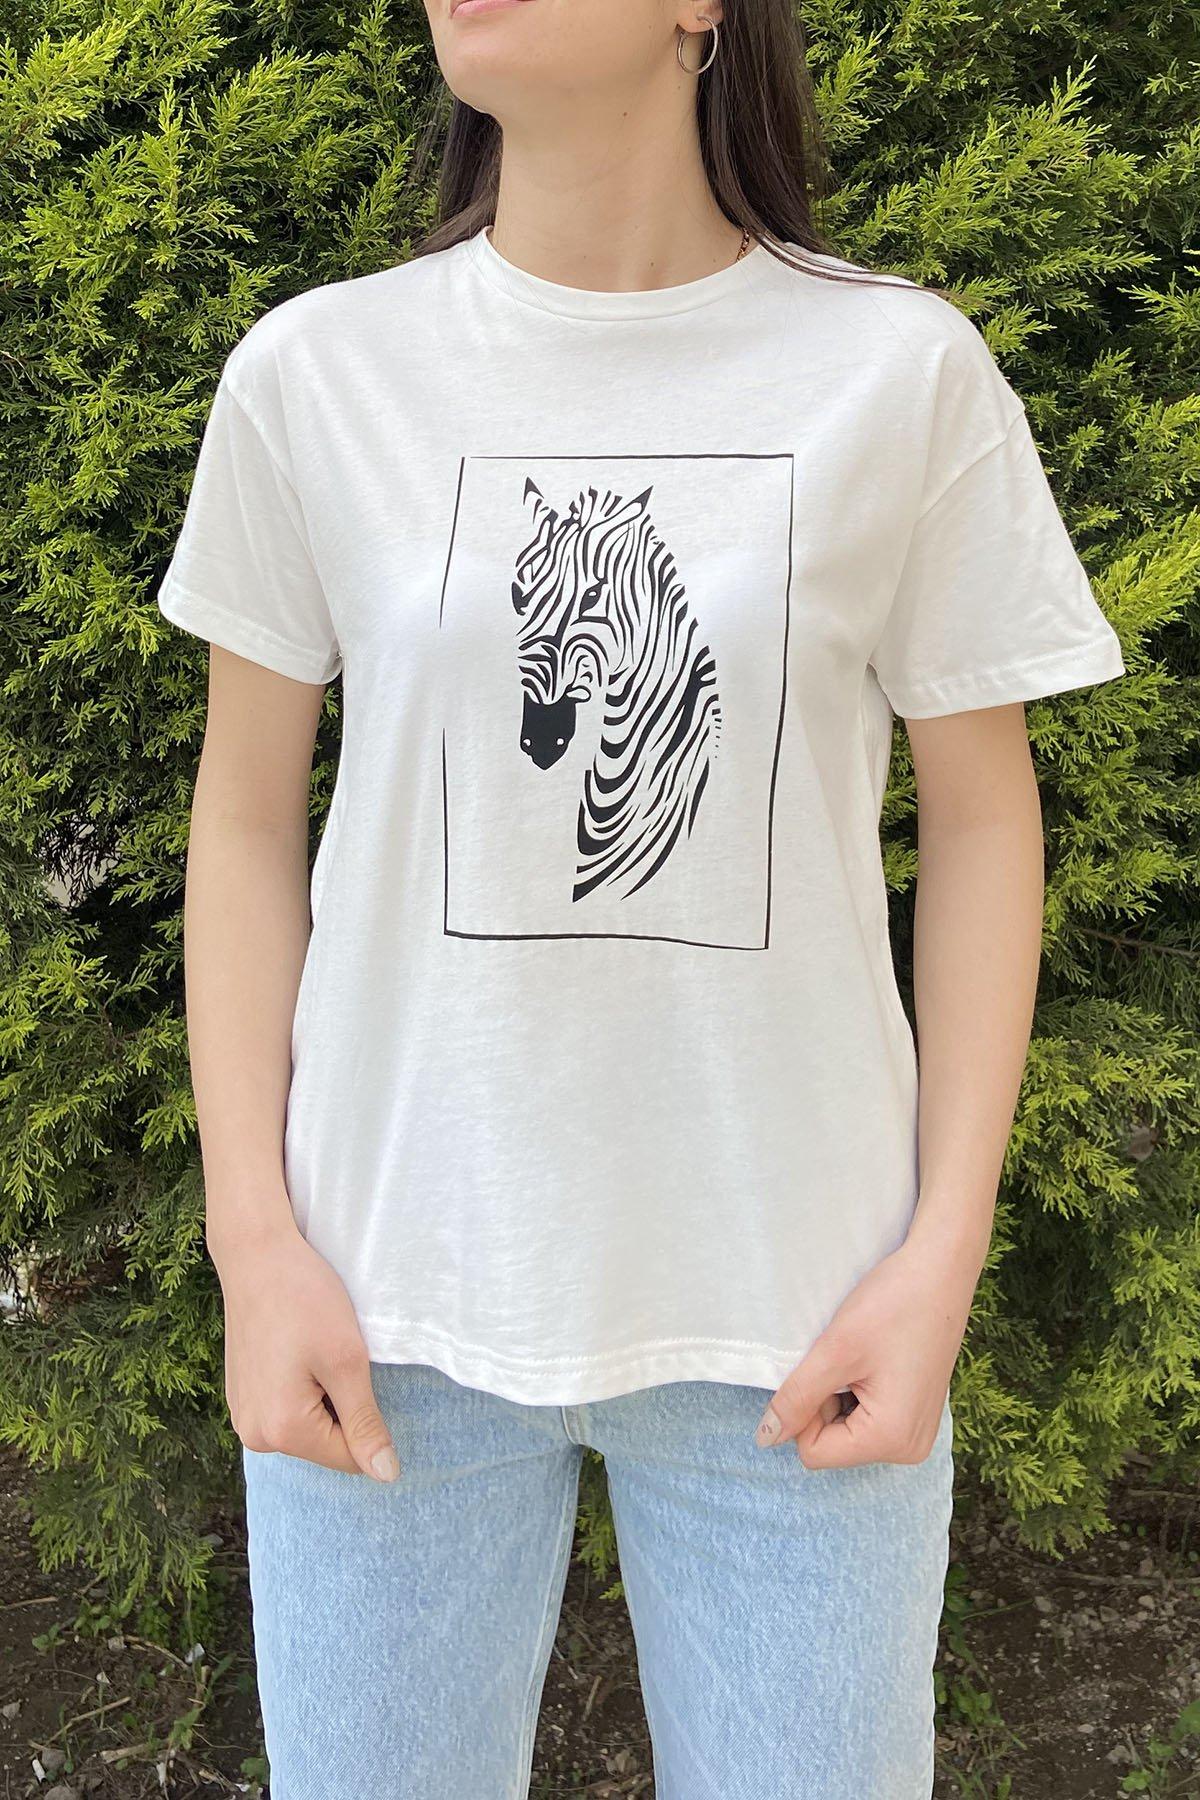 https://resim.ademexclusive.com/af001390/byz/170-18959-onu-zebra-baski-tshirt-01bc22b44036.jpg